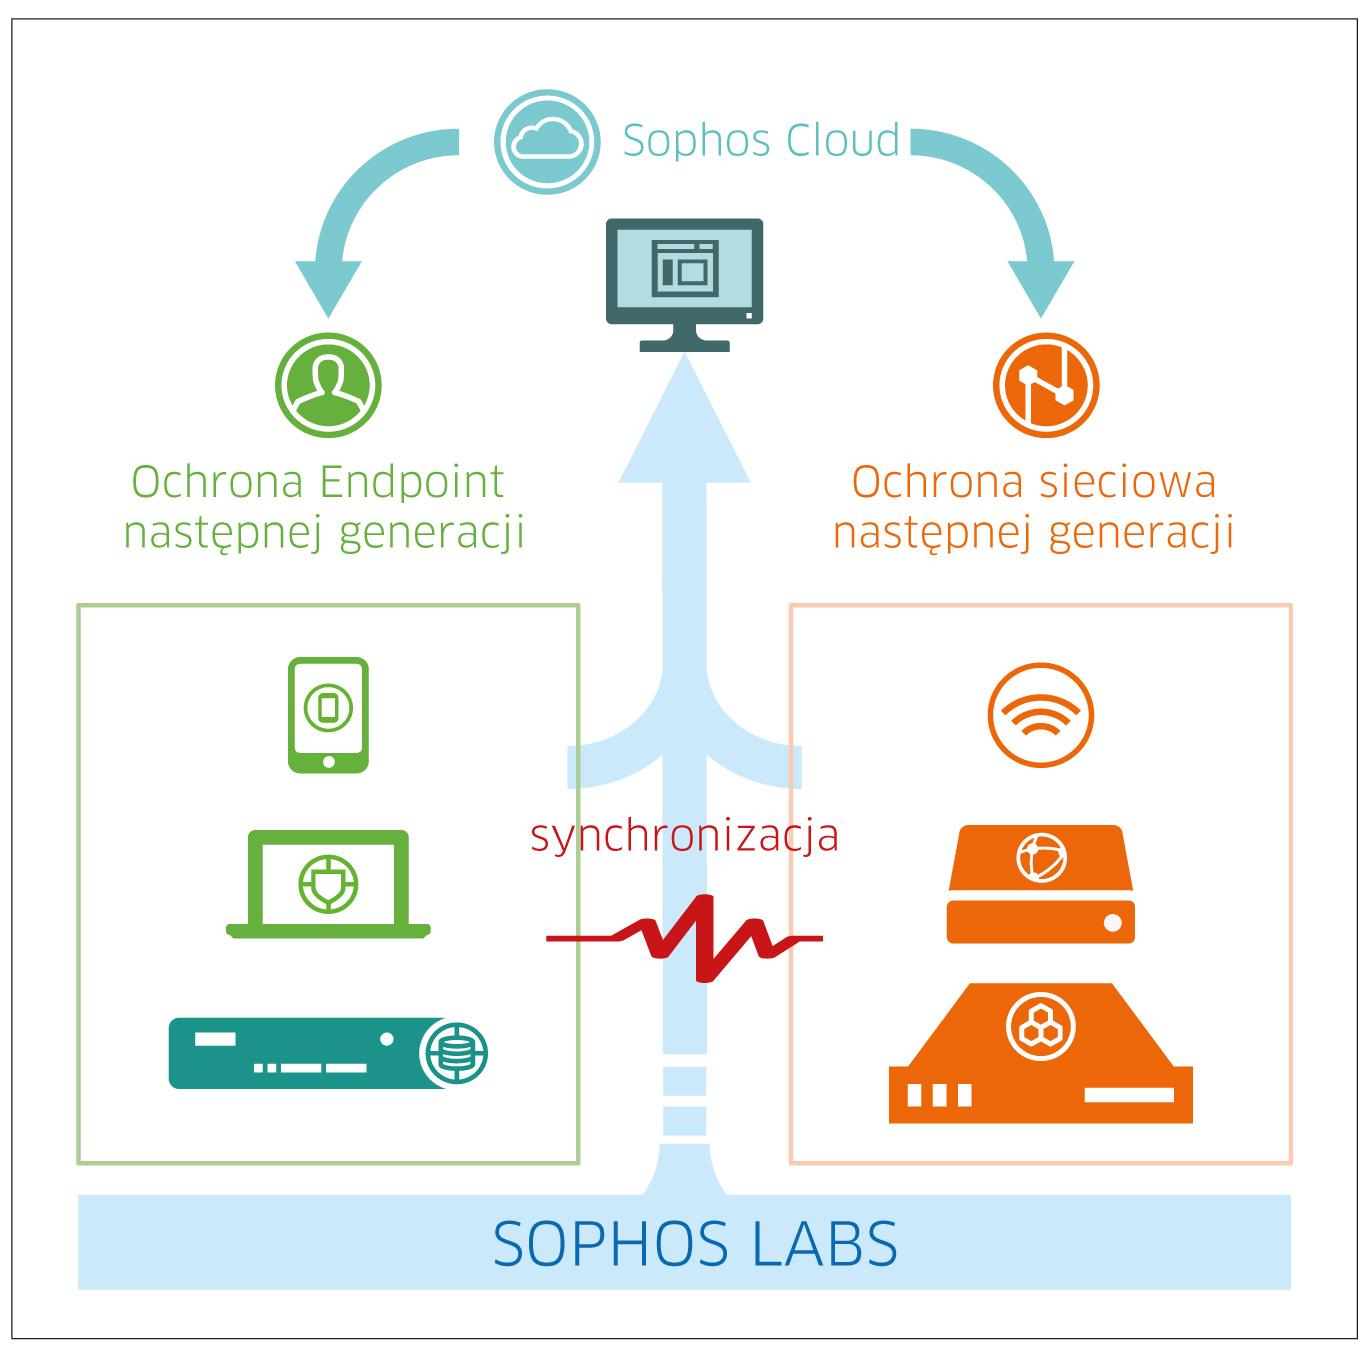 Sophos Galileo zabezpiecza sieci, serwery i urządzenia pracowników